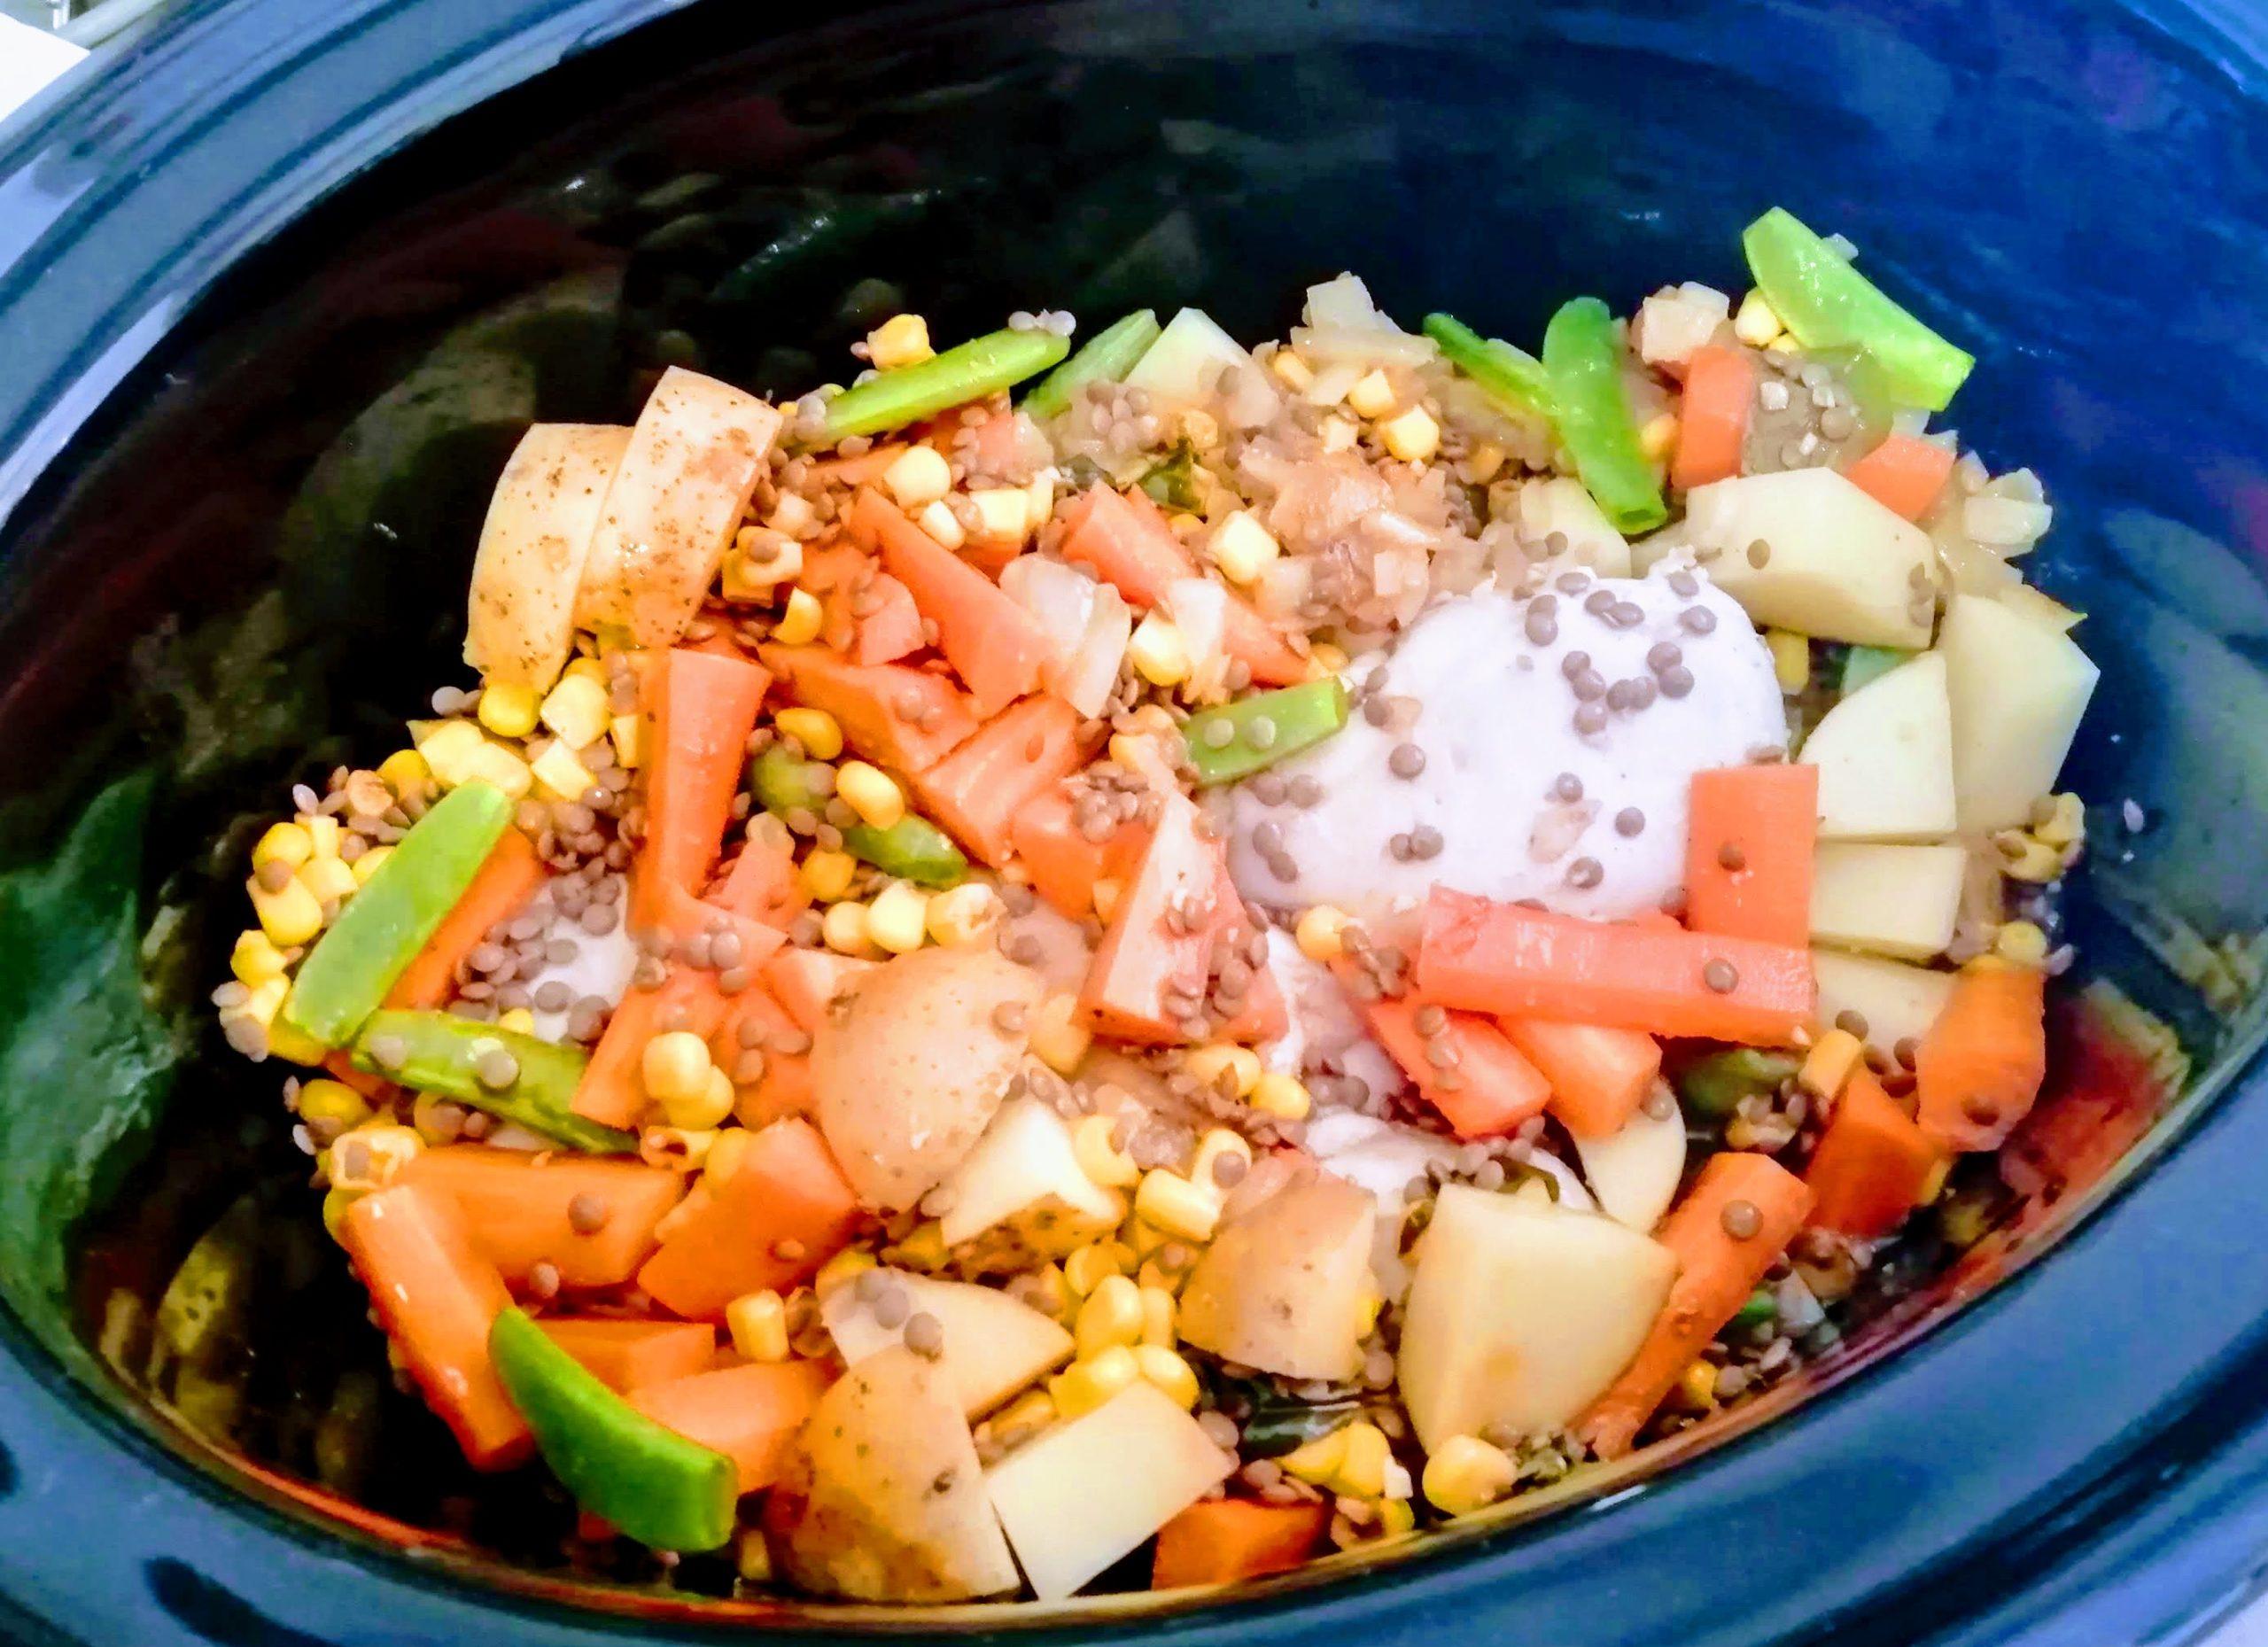 Idée de repas à la mijoteuse : un ragoût de poulet revisité - MANGEZ MIEUX, VIVEZ MIEUX ! Menus ...